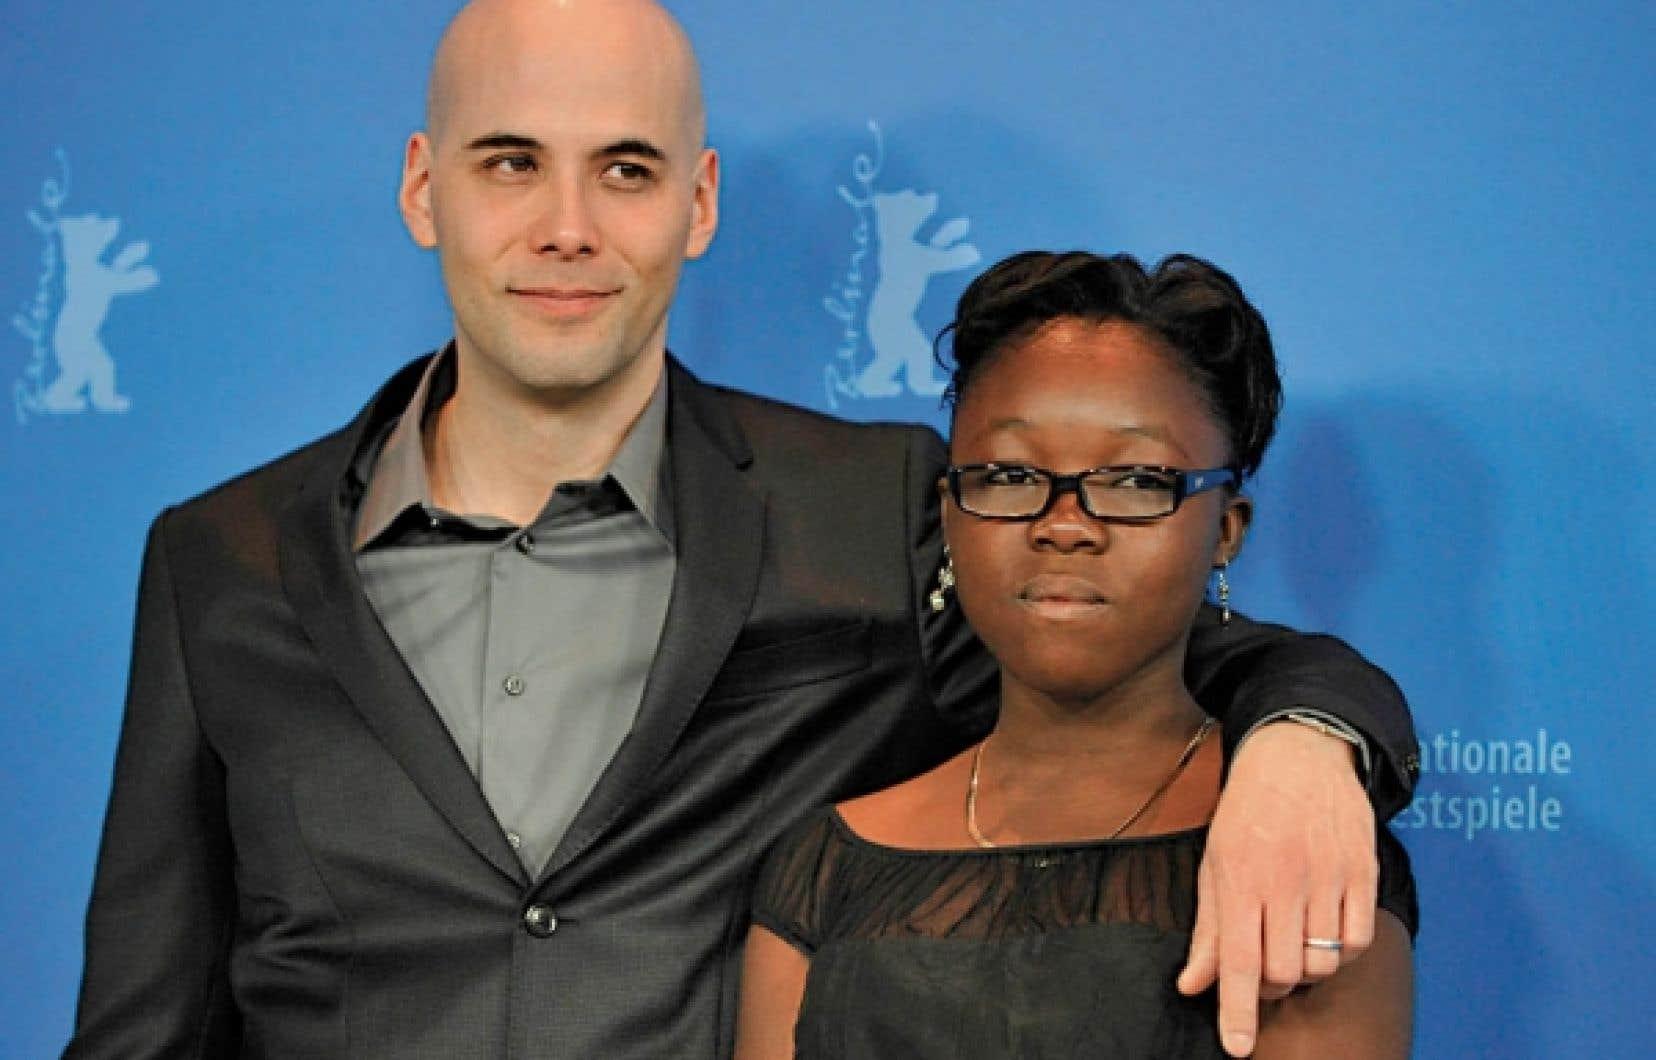 Le cinéaste Kim Nguyen et la vedette du film Rebelle, Rachel Mwanza, qui a reçu des applaudissements chaleureux de la foule.<br />